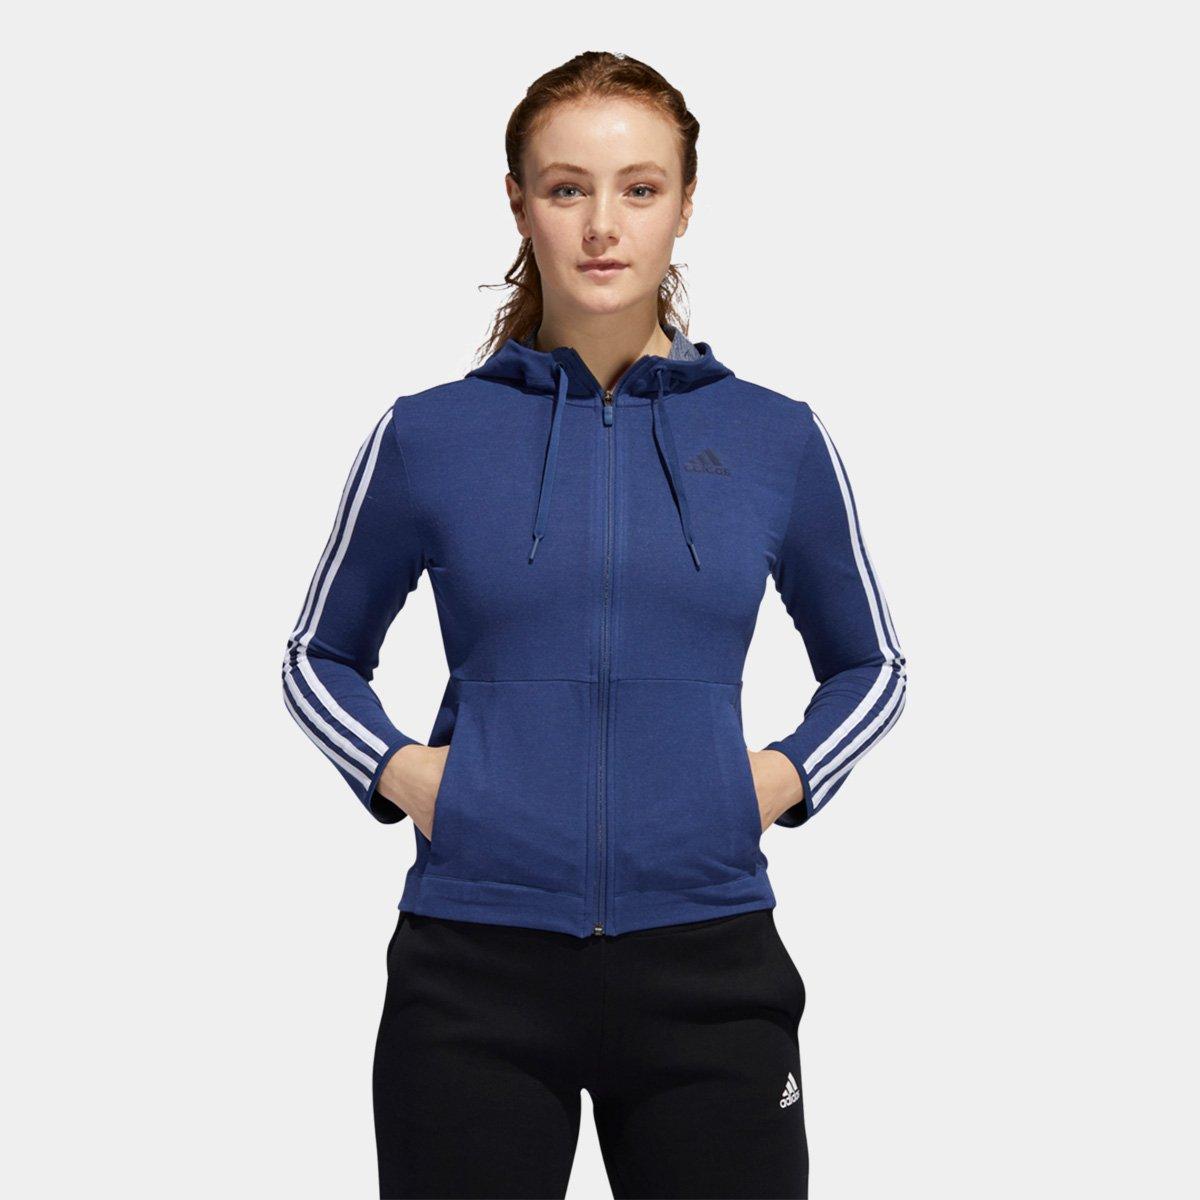 Blusa Adidas 3S Knt Fz Hoody Feminina